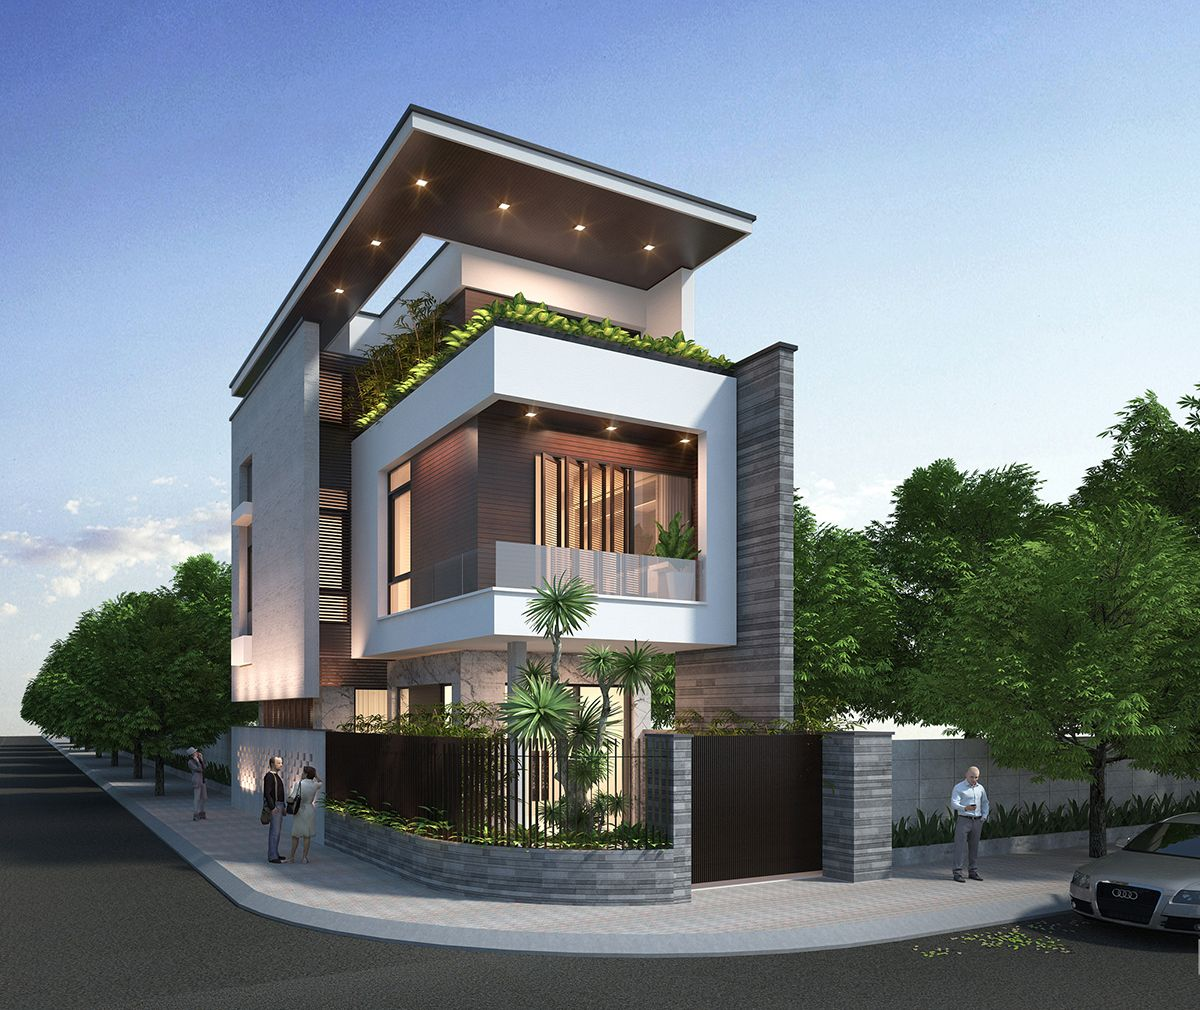 Thiết kế ngoại thất tại Hà Nội